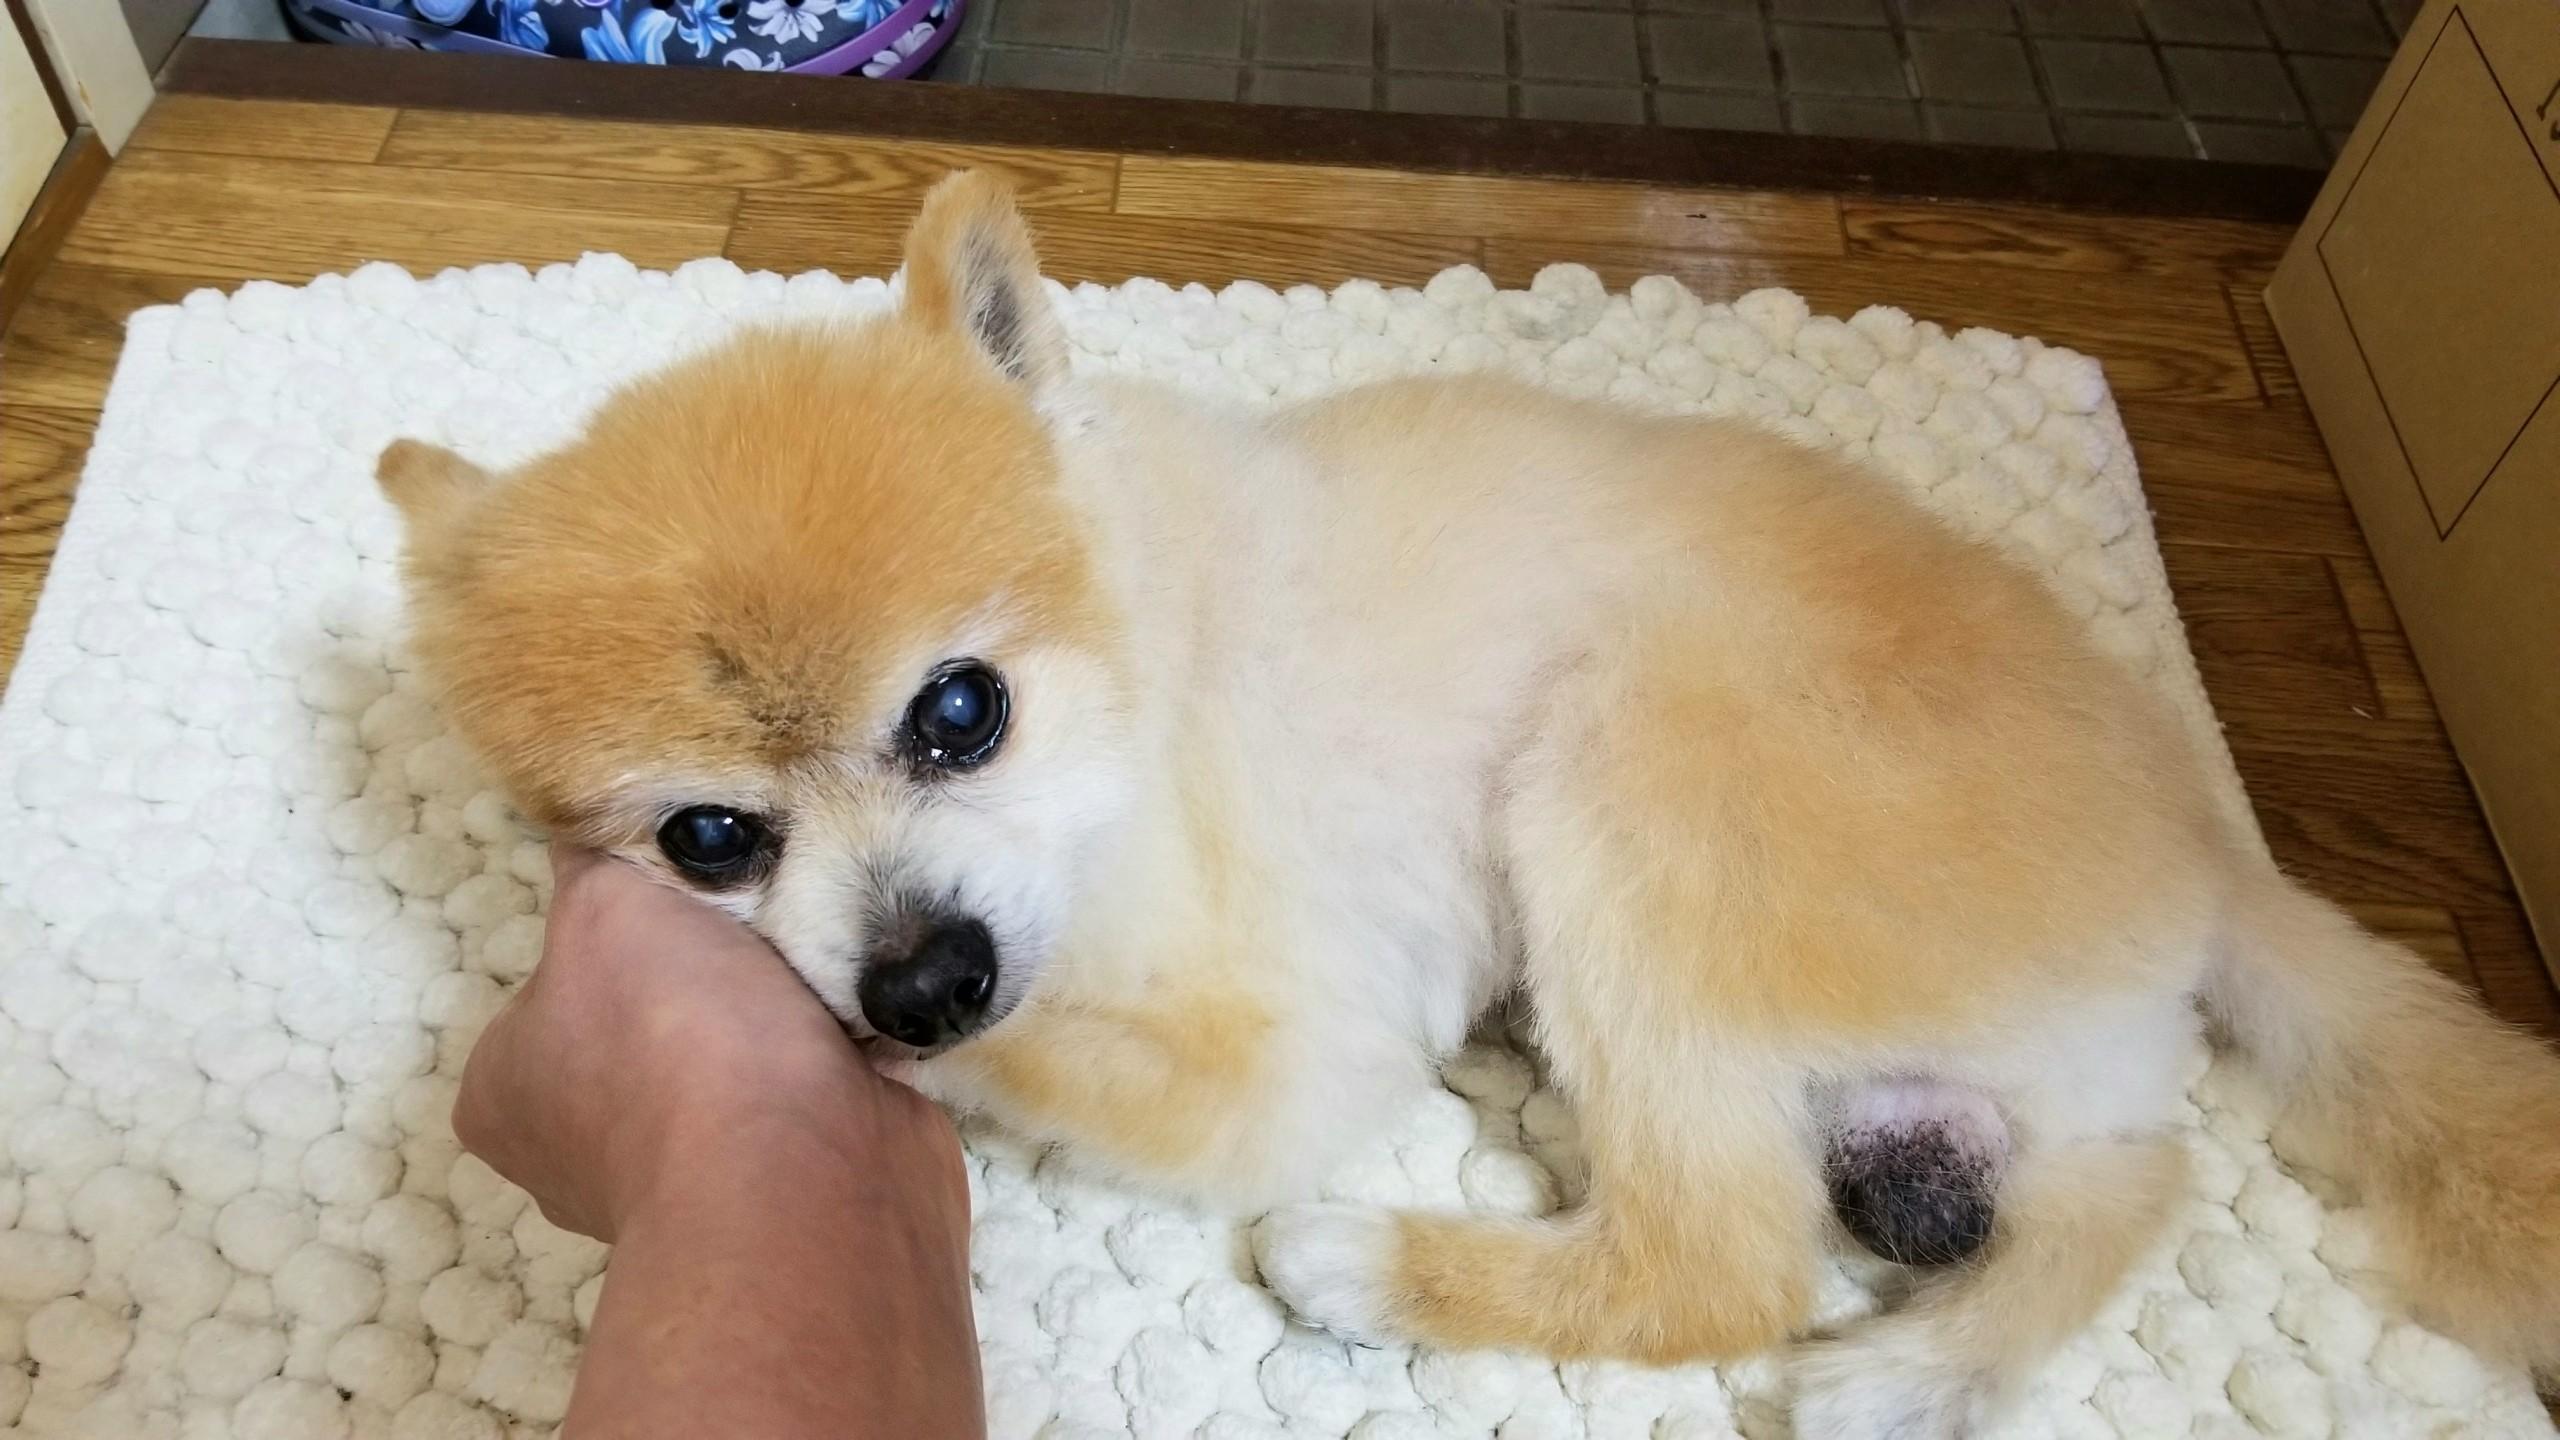 世界一かわいい犬ペットポメラニアンぬいぐるみみたい病気豆柴カット